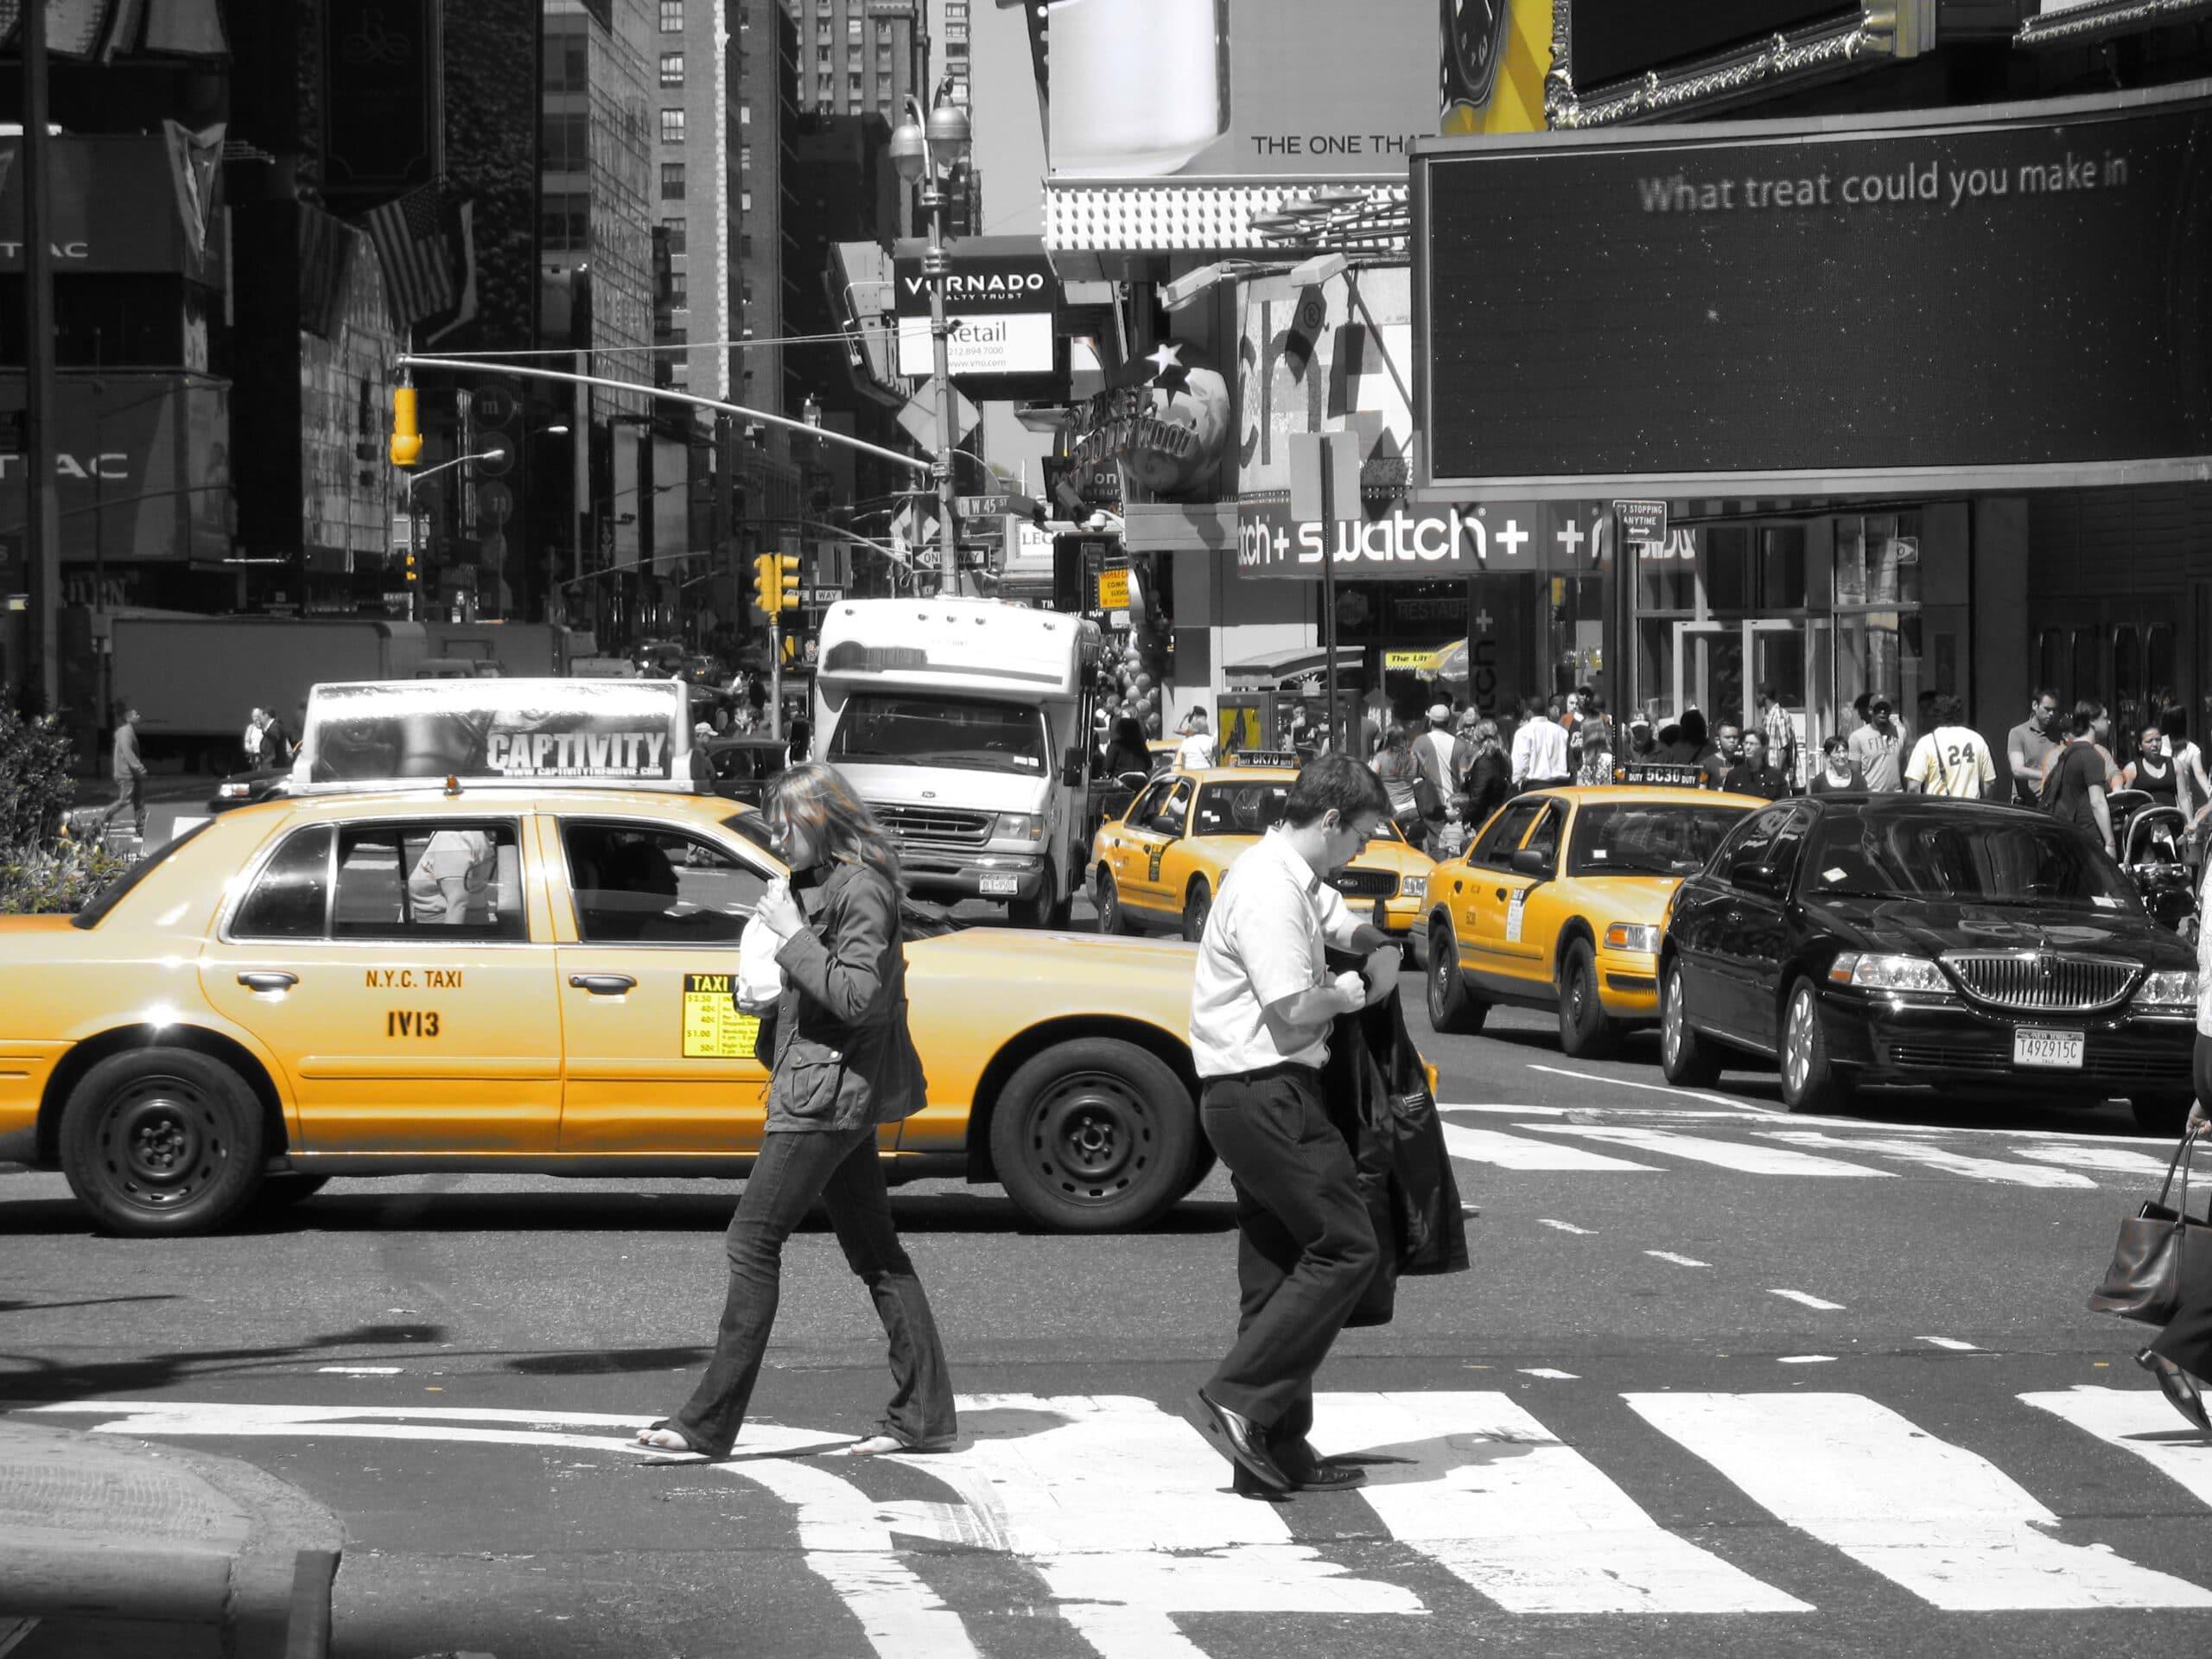 Guía de taxis - Encuentra un taxi en tu localidad y consulta su precio